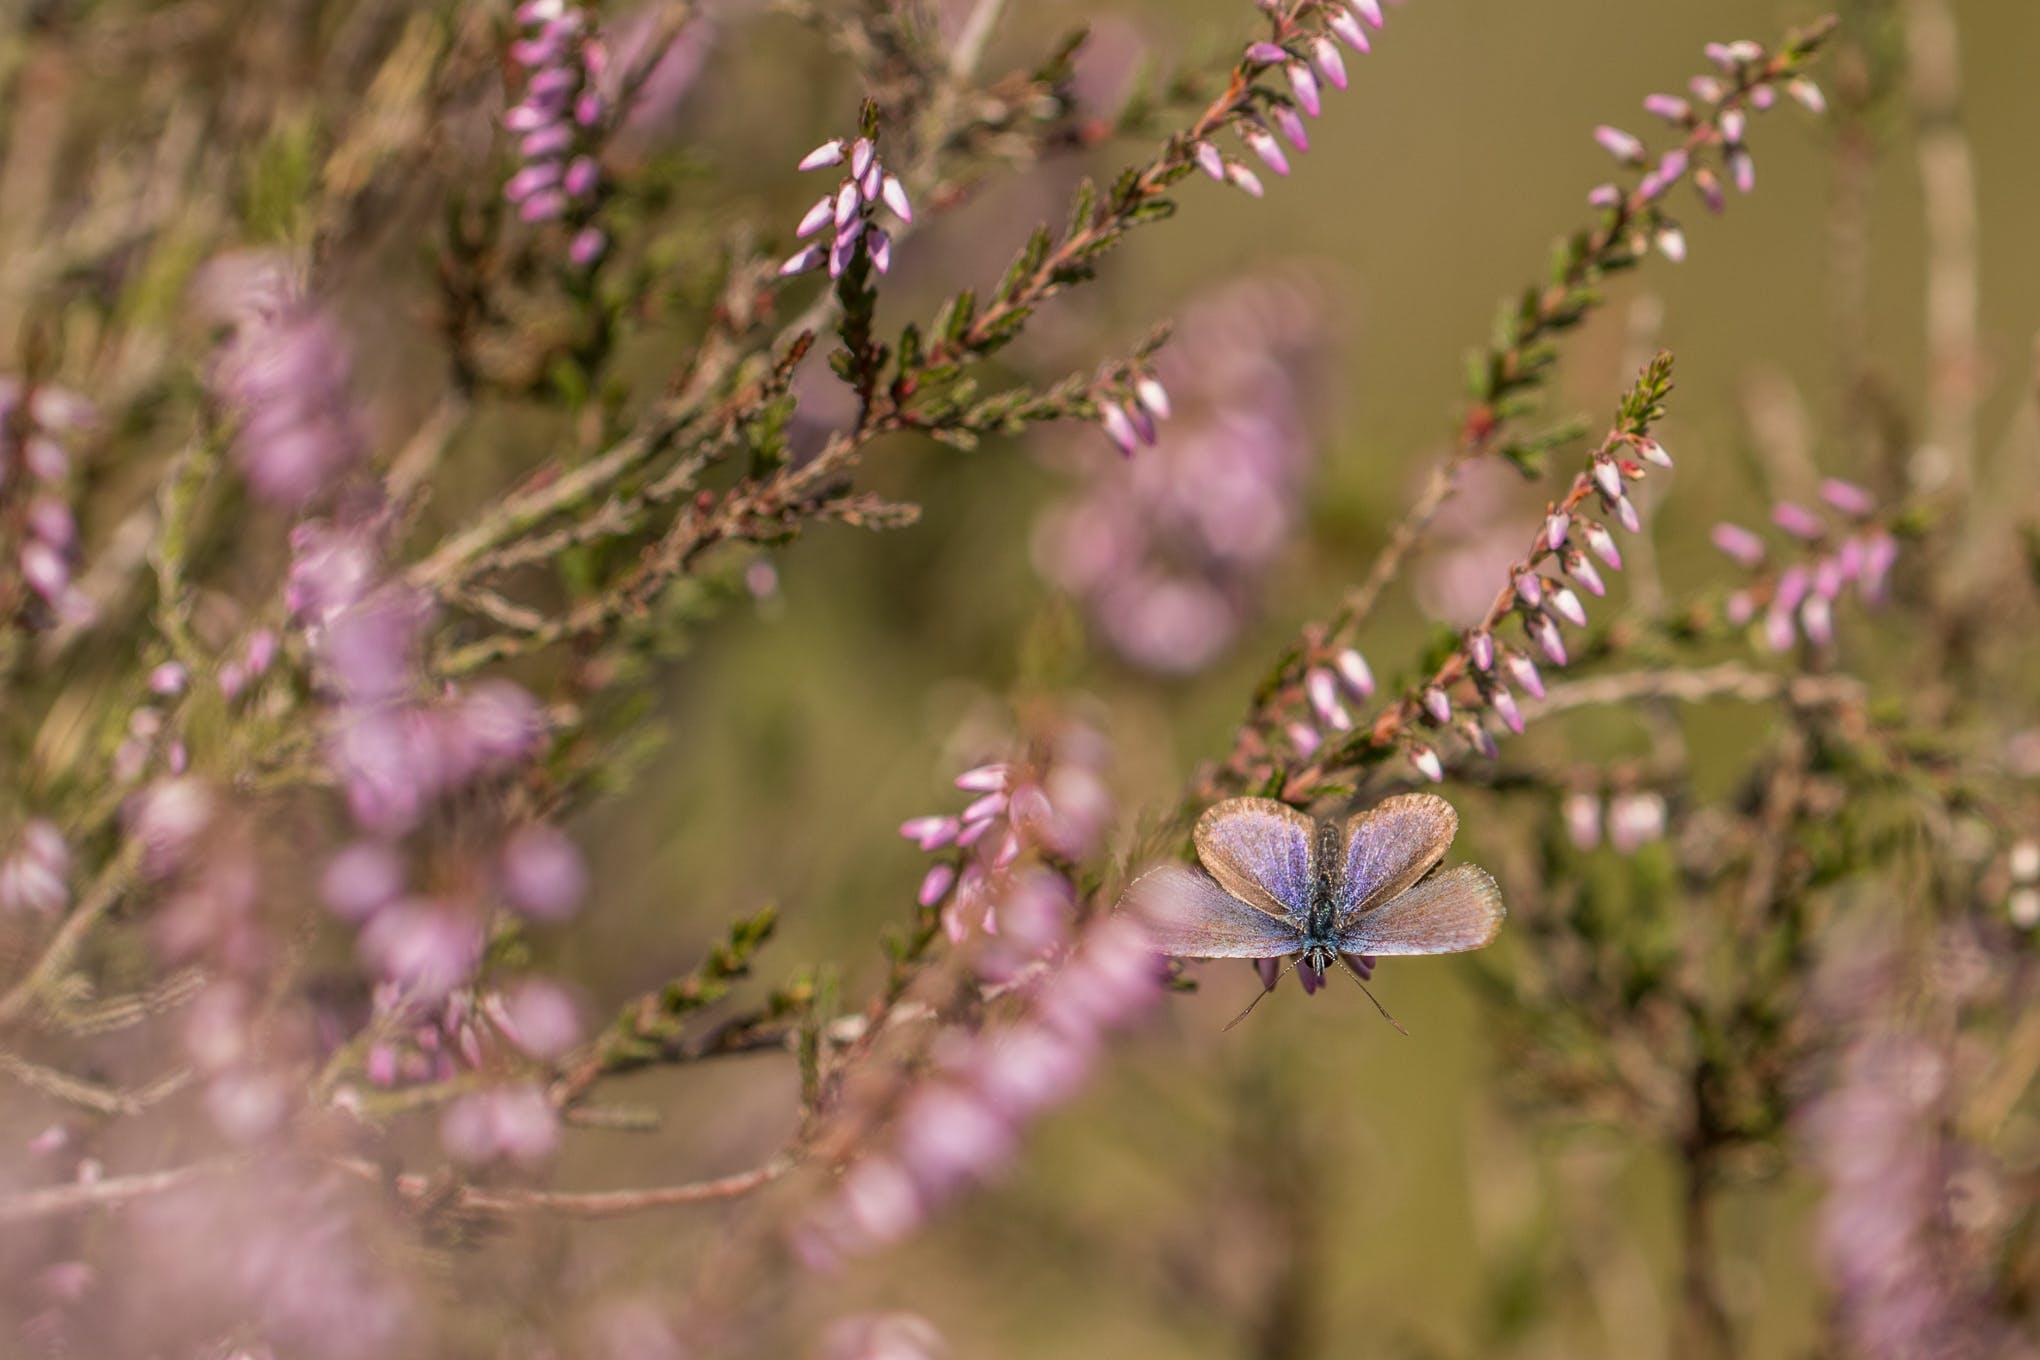 Kostenloses Stock Foto zu #butterfly #purpel #blauw #heide blauwtje